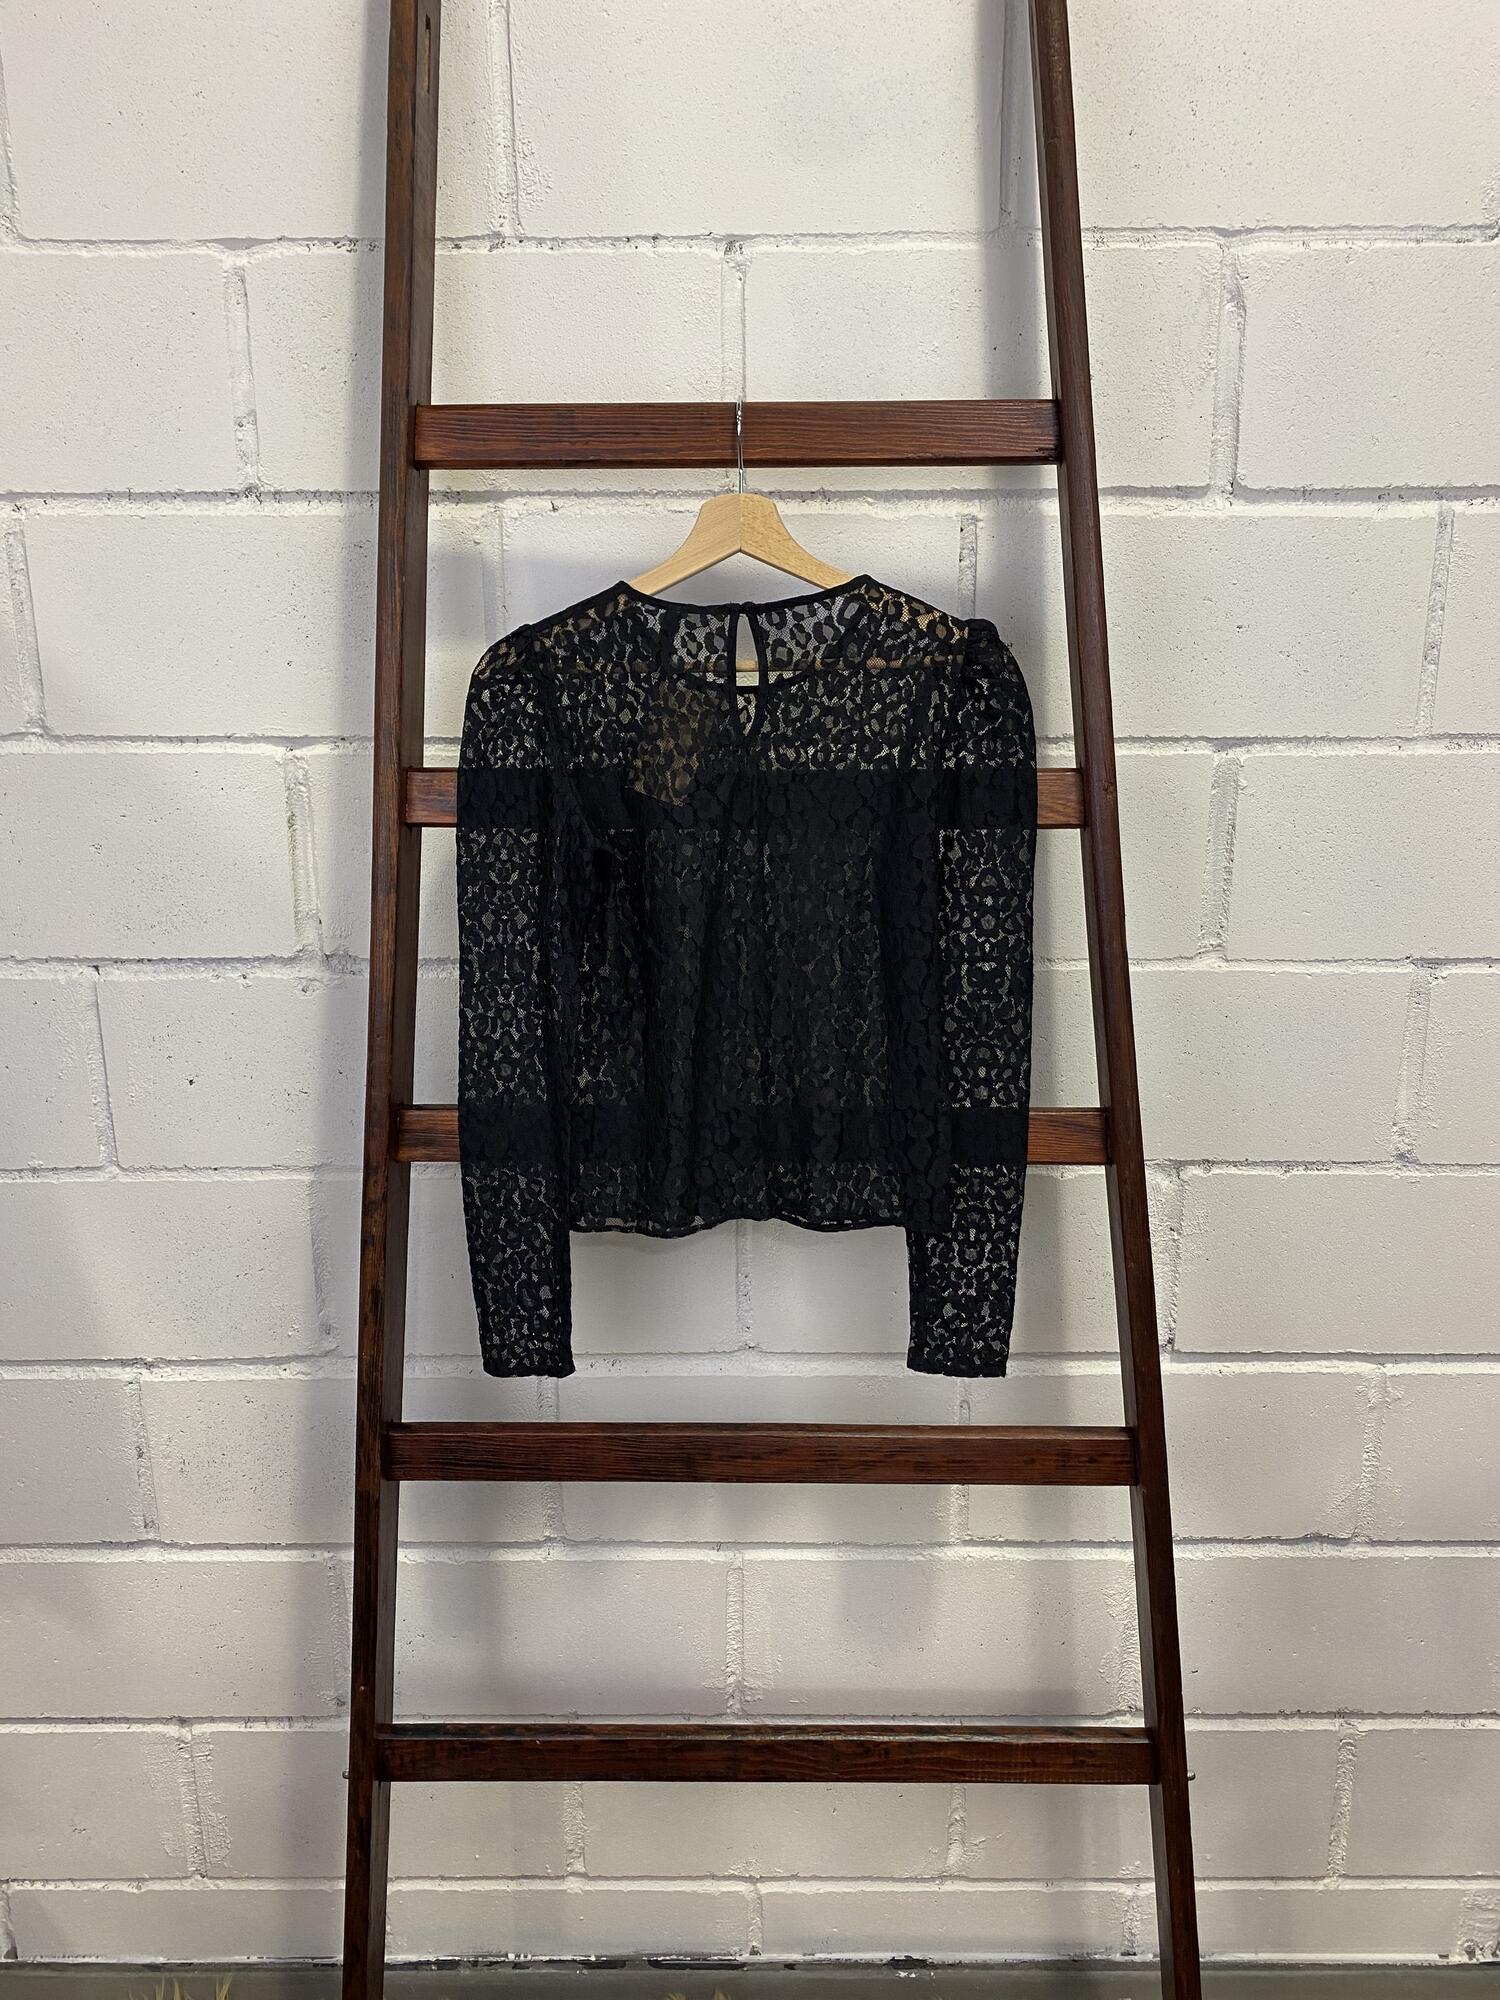 Czarna koronkowa bluzka w panterkę ZARA - Vintage Store | JestemSlow.pl